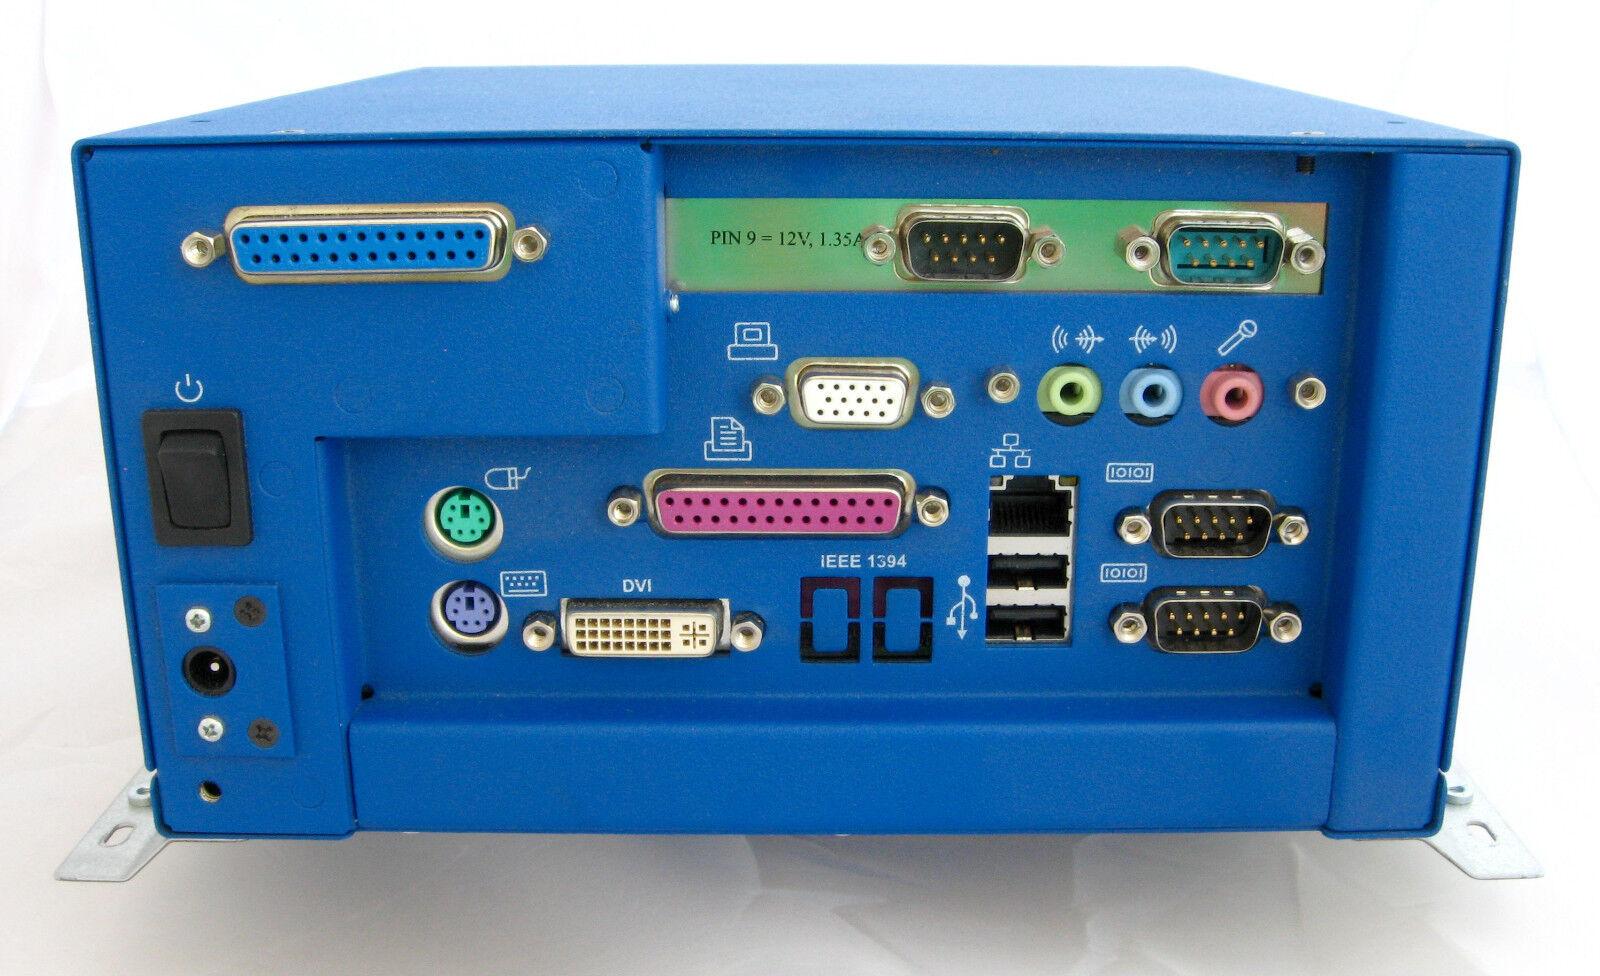 Industrie-PC DSM 96M1555CL-BZA, lüfterlos und geräuschlos